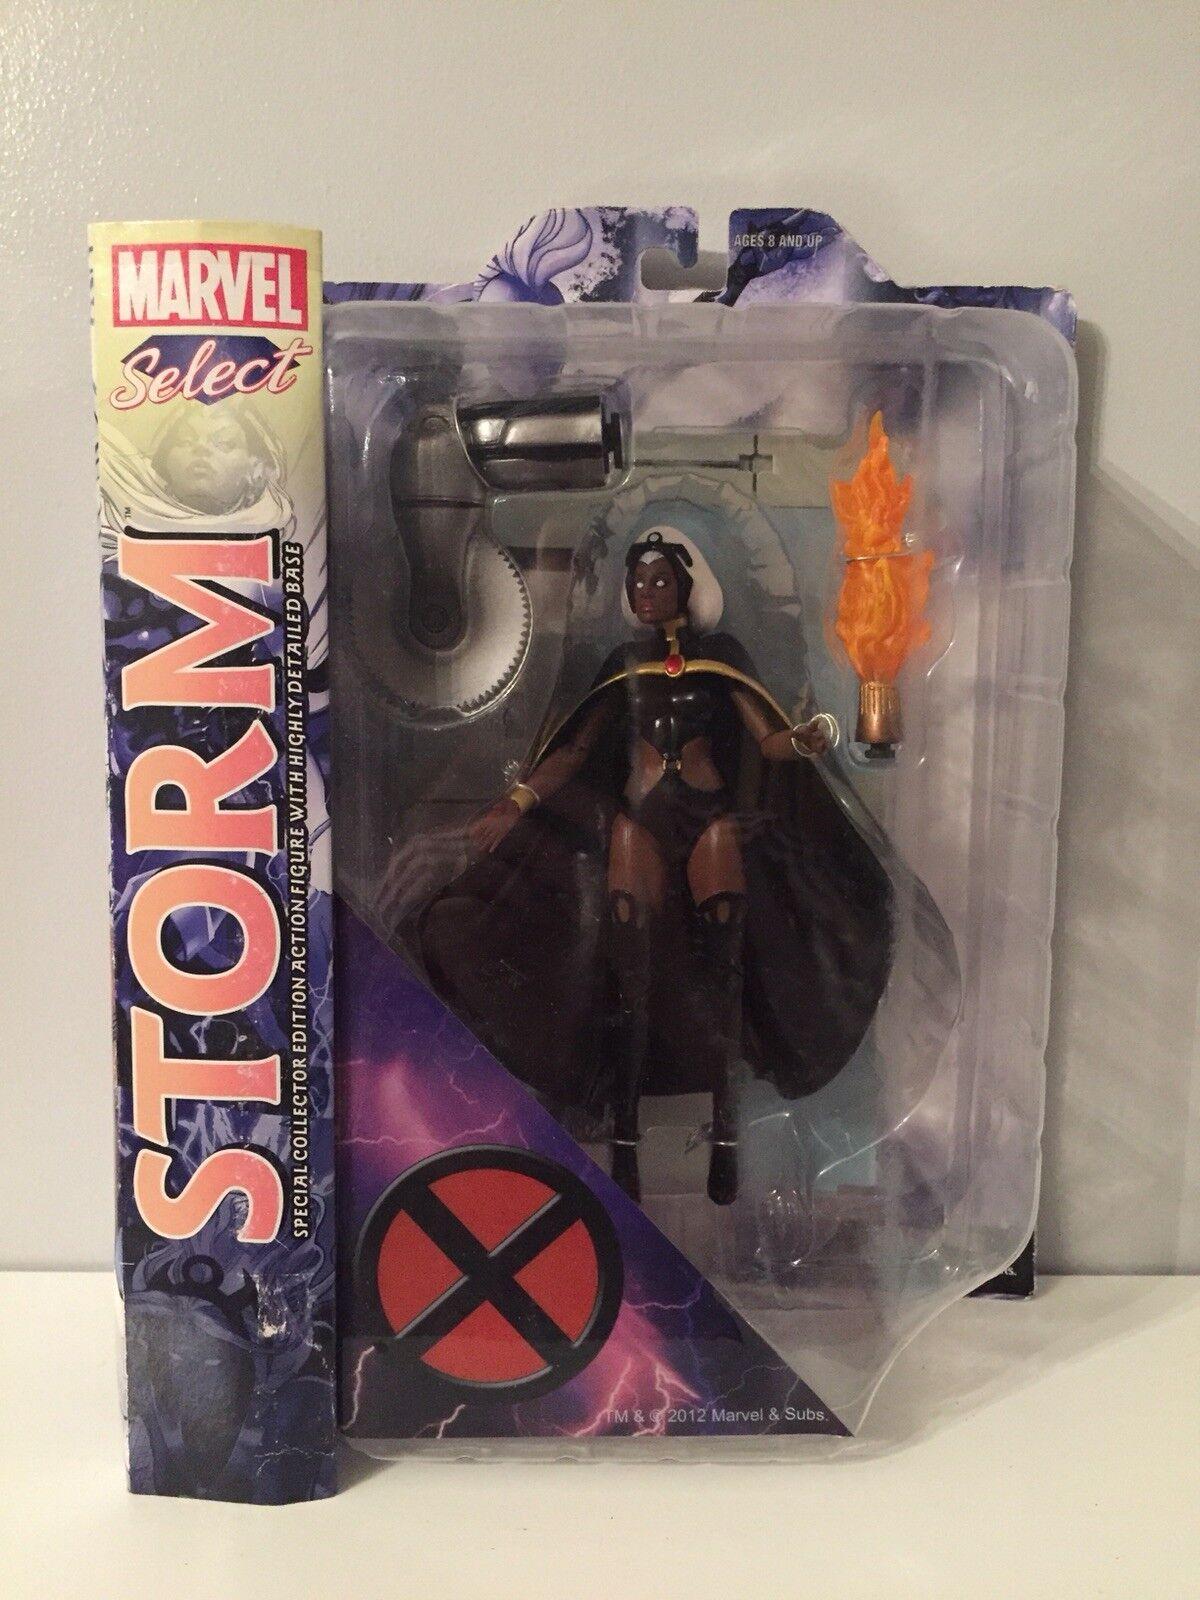 Marvel Select Storm Variant Figure BNIB